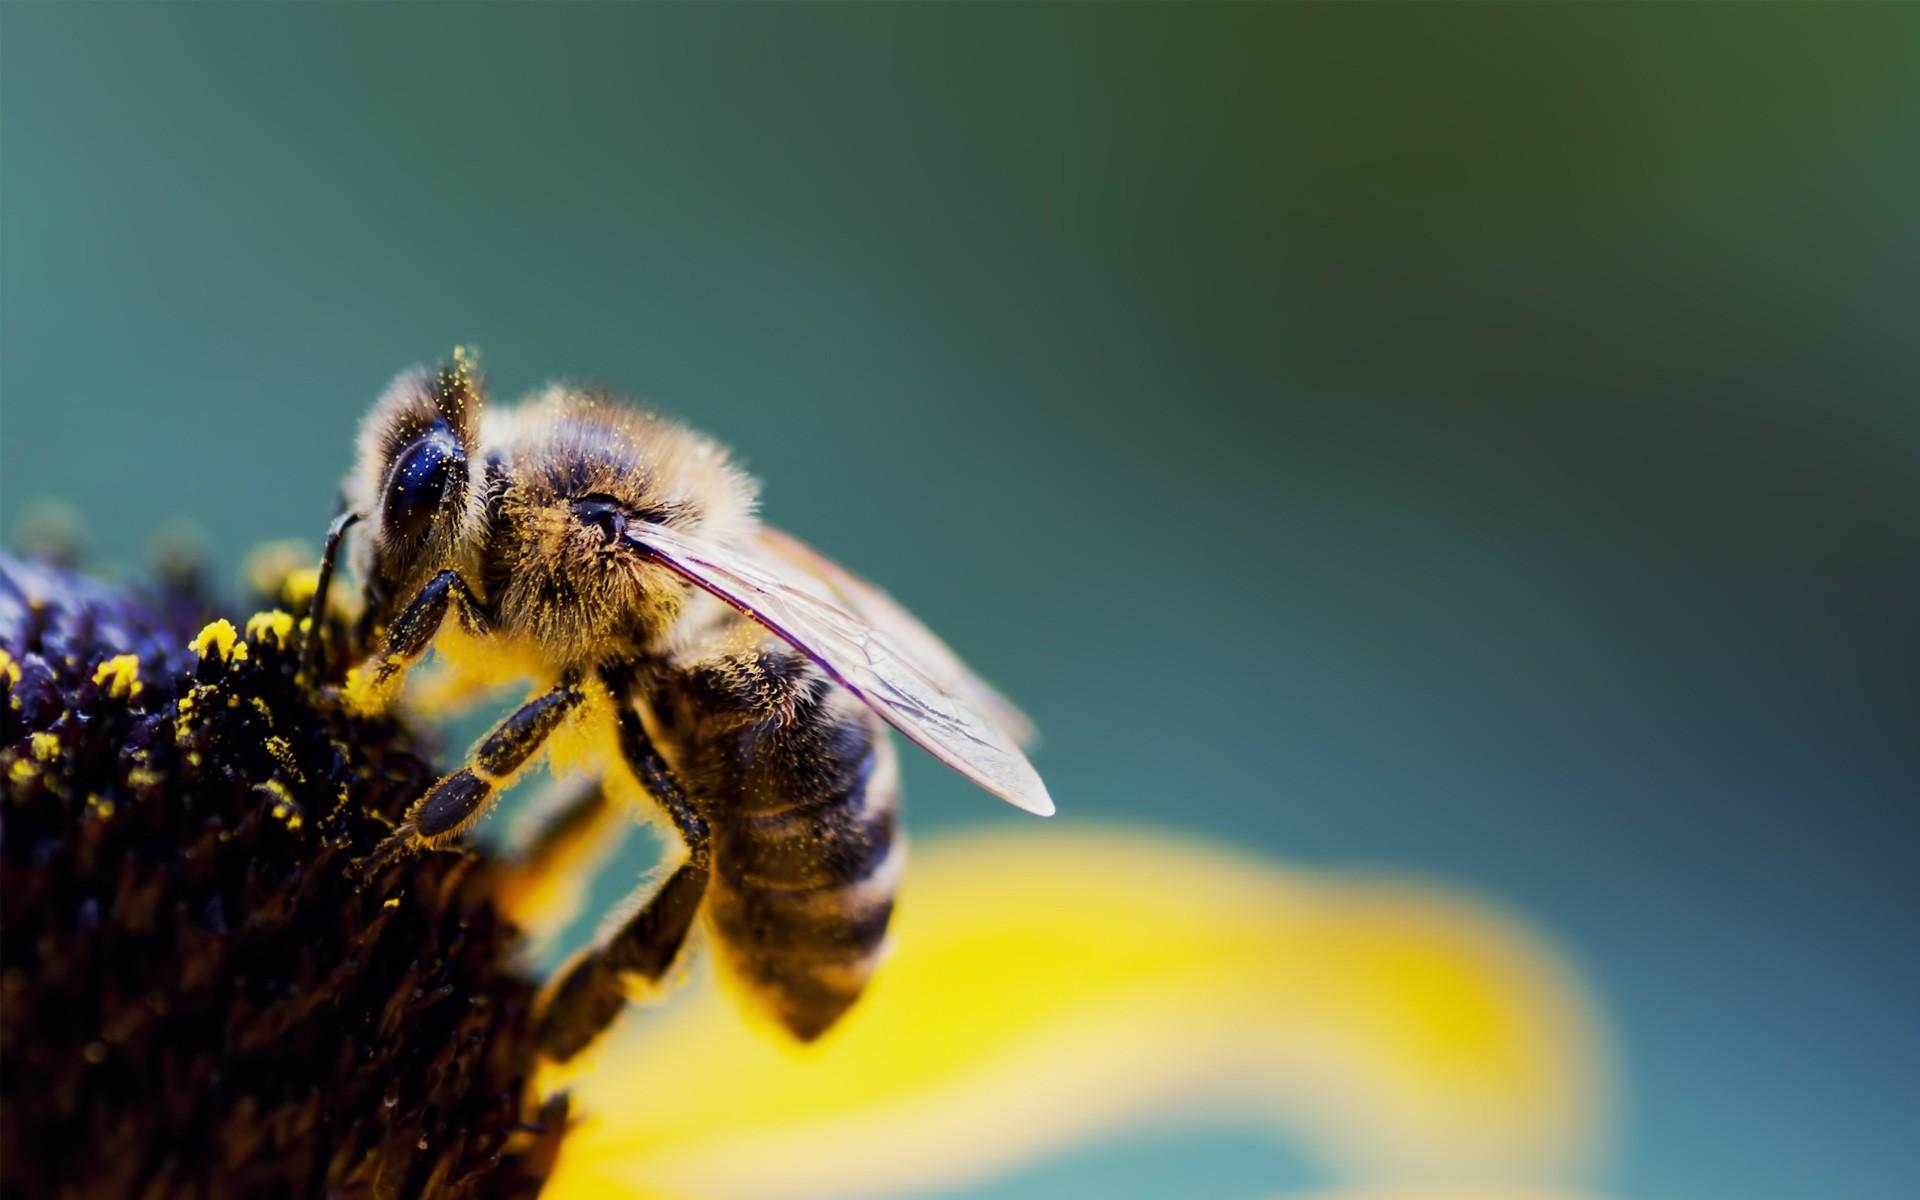 Una abeja gigante - 1920x1200